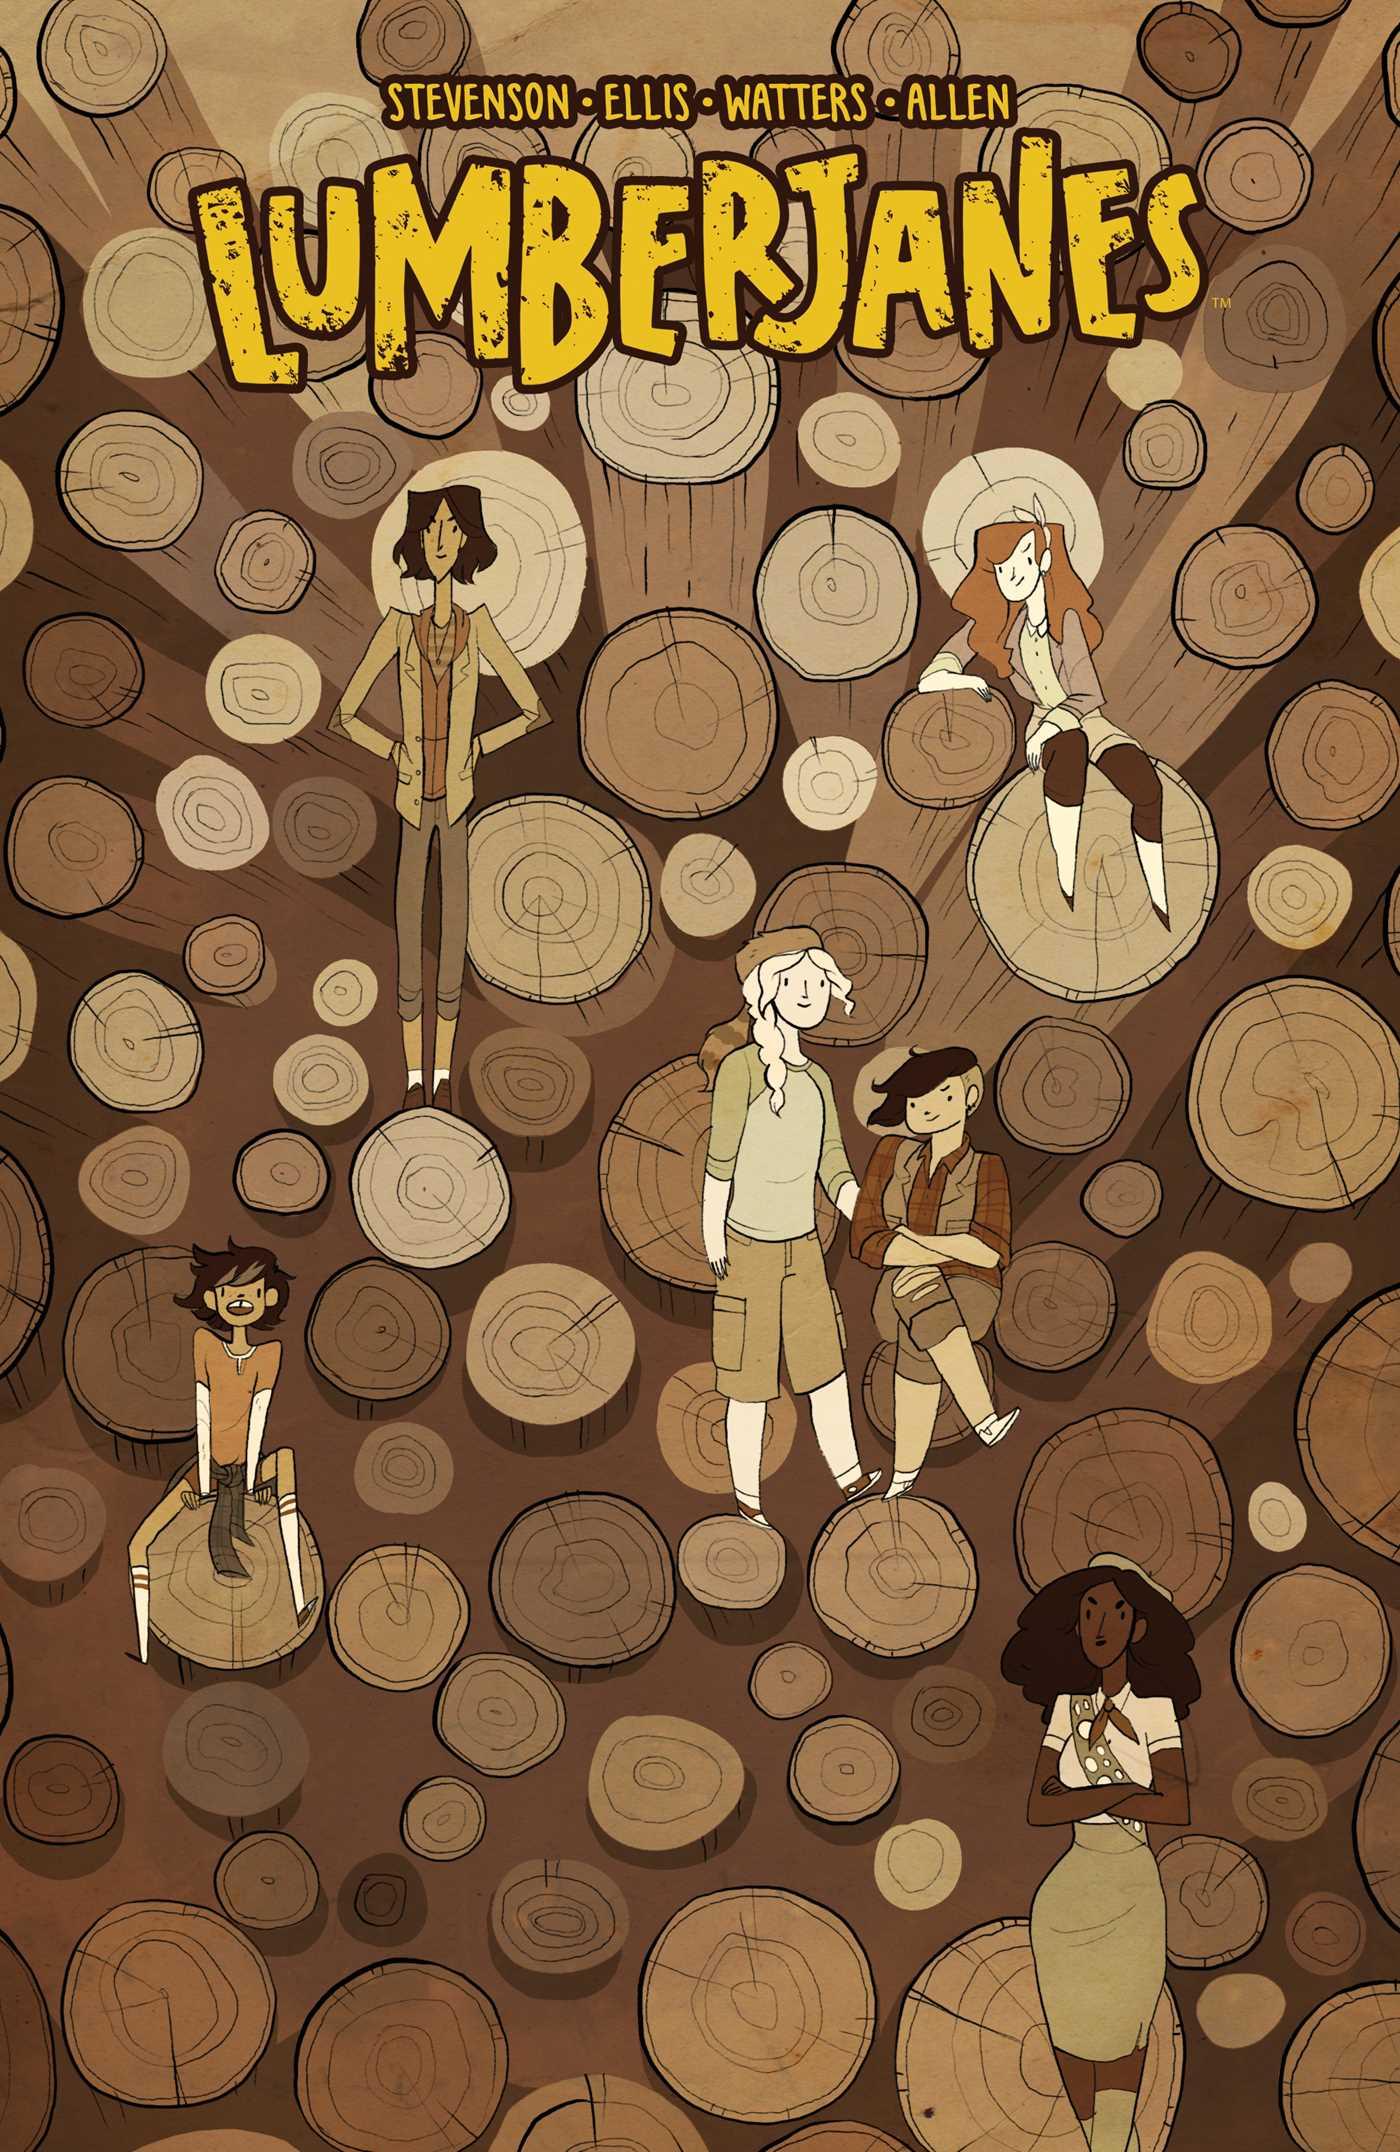 lumberjanes-vol-4-9781608868605_hr